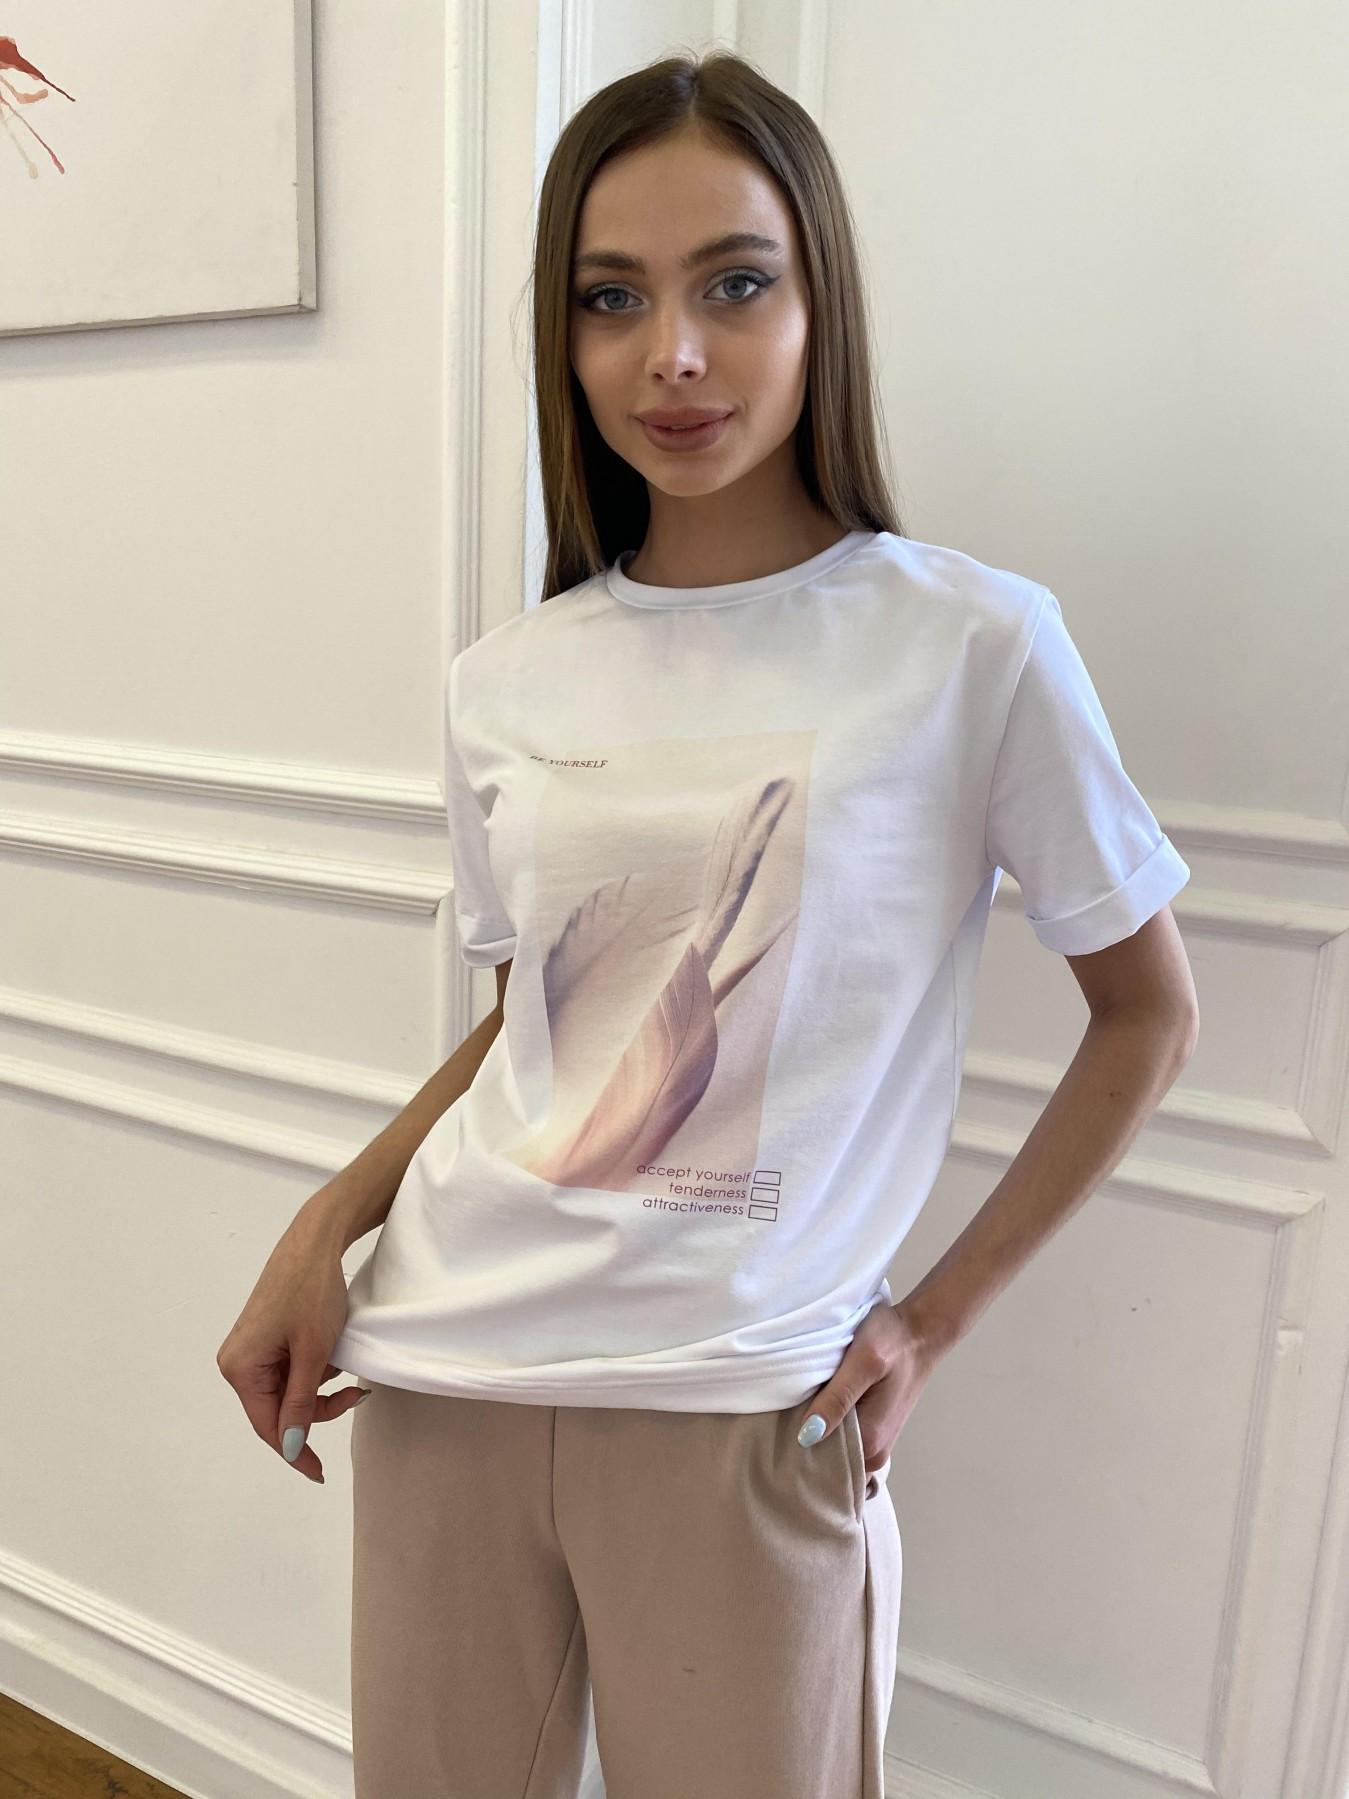 Перо футболка из вискозы однотонная хлопок 11230 АРТ. 47751 Цвет: Белый - фото 1, интернет магазин tm-modus.ru